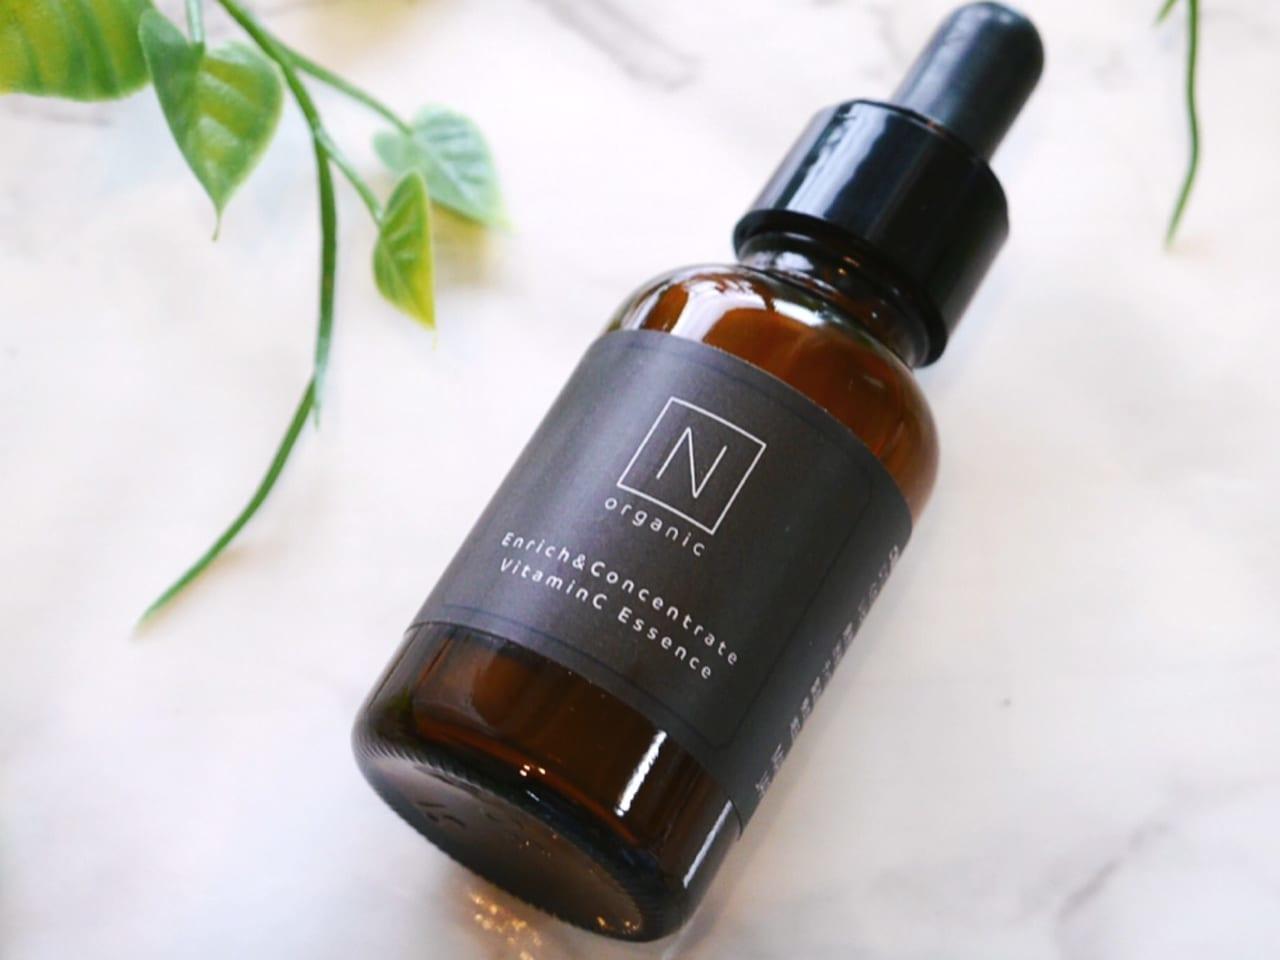 自然派ブランド「N organic(エヌオーガニック)から 多方面な肌の悩みに対応したオトナのためのリッチな美容液「エンリッチ&コンセントレート VCエッセンス」が発売